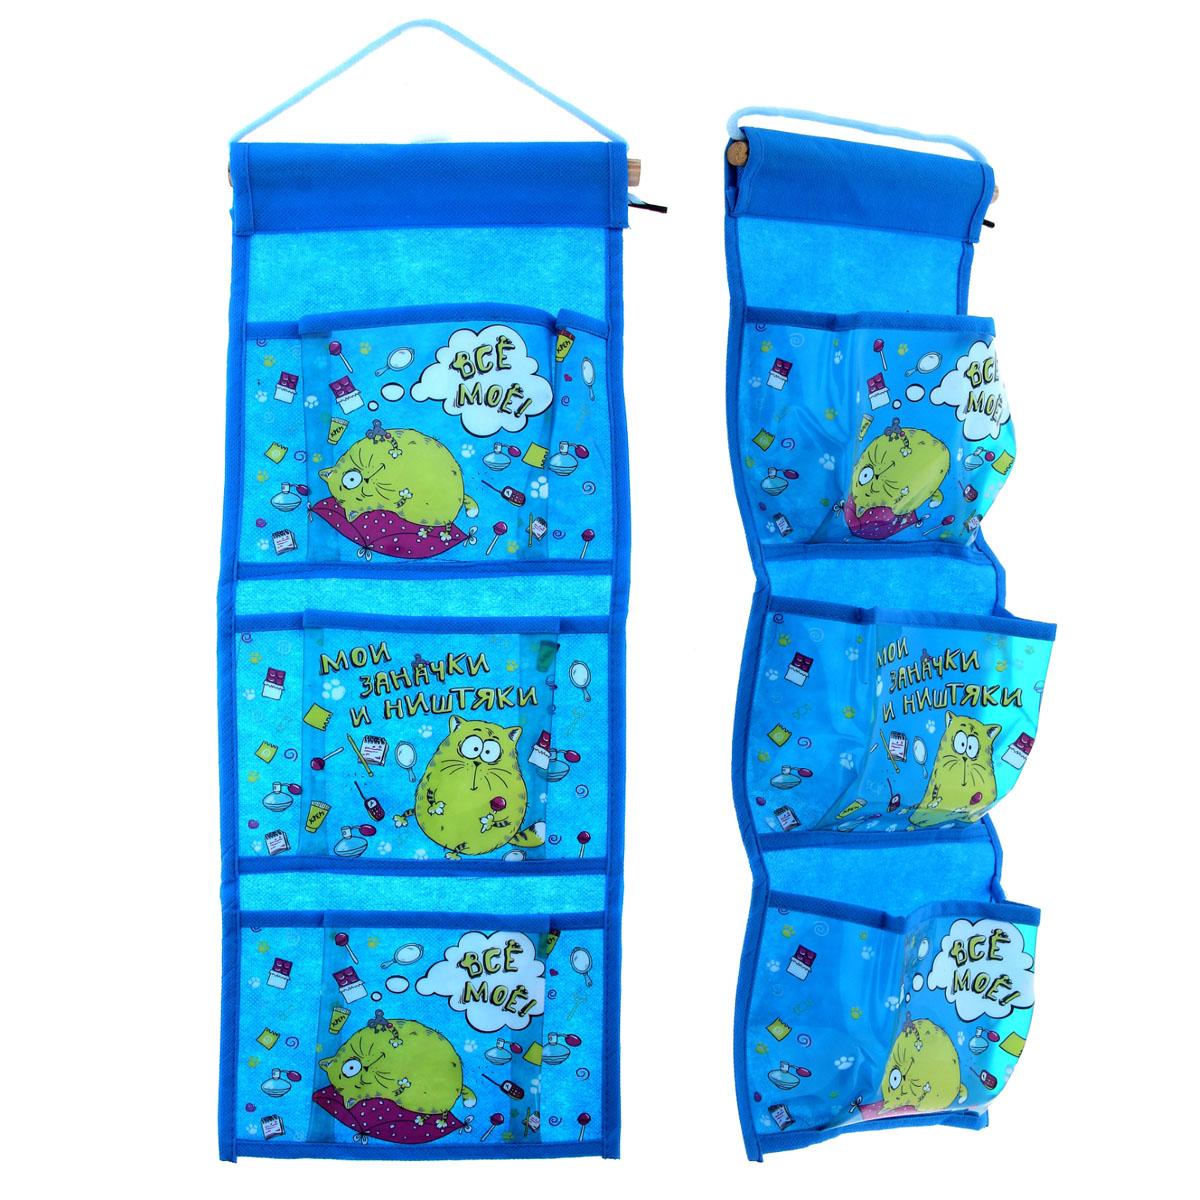 Кармашки на стену Sima-land Мои заначки и ништяки, цвет: голубой, желтый, бордовый, 3 шт151397Кармашки на стену Sima-land «Мои заначки и ништяки», изготовленные из текстиля и пластика, предназначены для хранения необходимых вещей, множества мелочей в гардеробной, ванной, детской комнатах. Изделие представляет собой текстильное полотно с тремя пришитыми кармашками. Благодаря деревянной планке и шнурку, кармашки можно подвесить на стену или дверь в необходимом для вас месте. Кармашки декорированы изображениями забавного кота, косметики, телефона и надписью «Мои заначки и ништяки».Этот нужный предмет может стать одновременно и декоративным элементом комнаты. Яркий дизайн, как ничто иное, способен оживить интерьер вашего дома.Размер: 51 см х 16,5 см х 0,1 см.